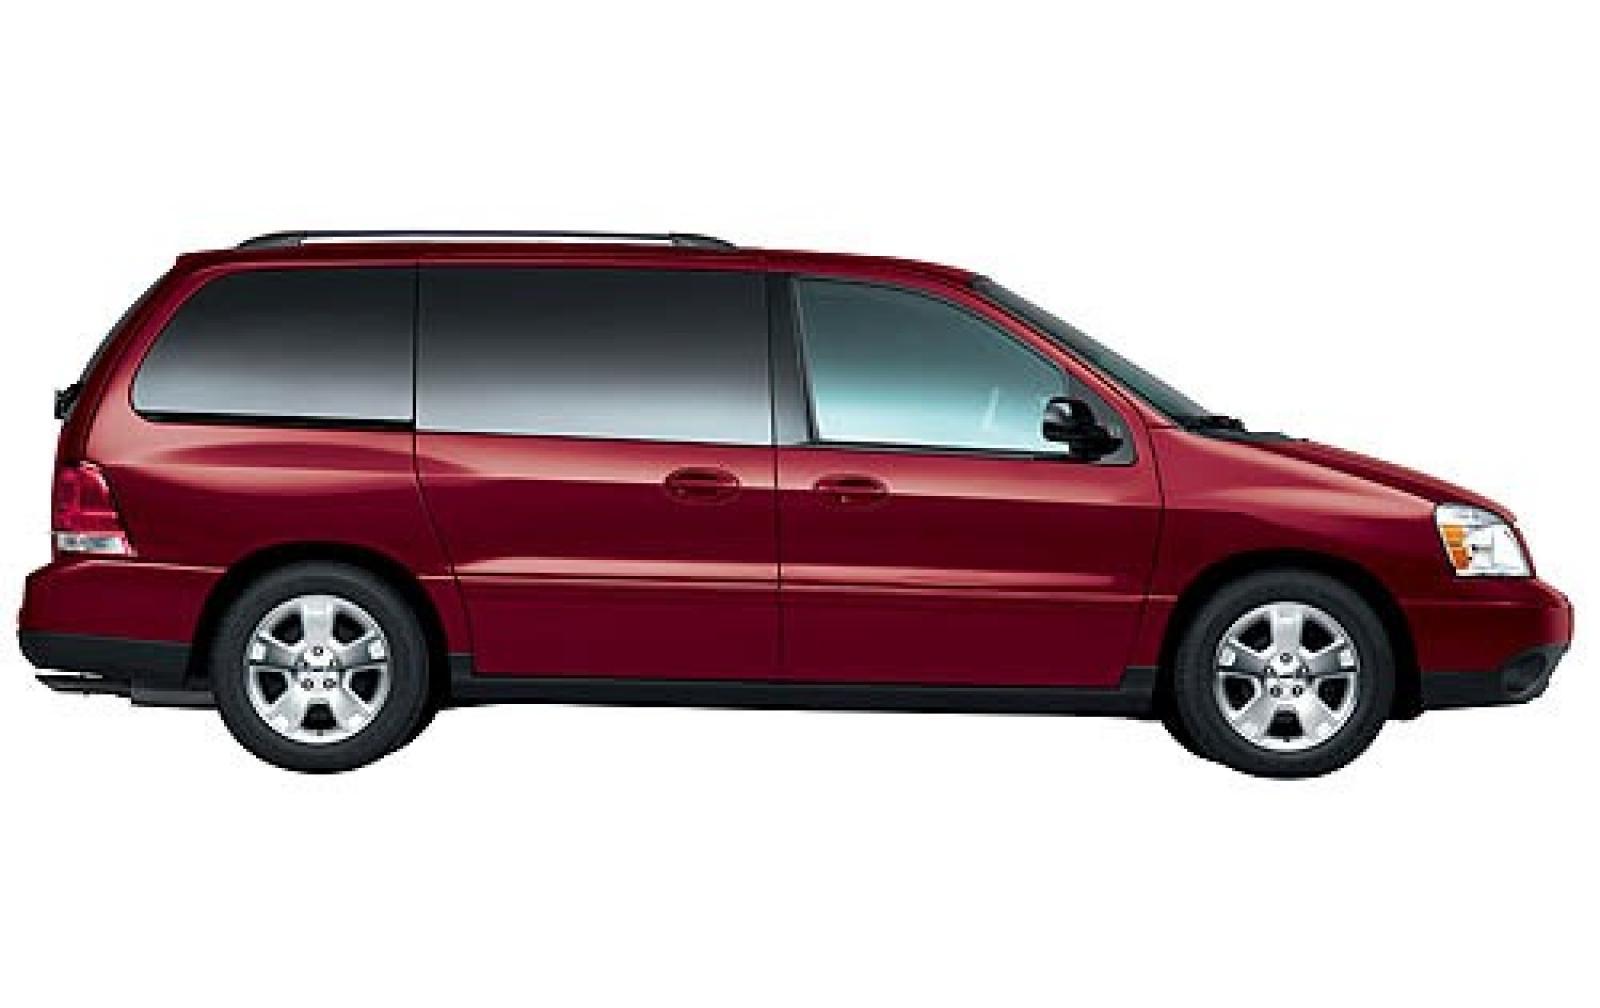 800 1024 1280 1600 Origin 2007 Ford Freestar